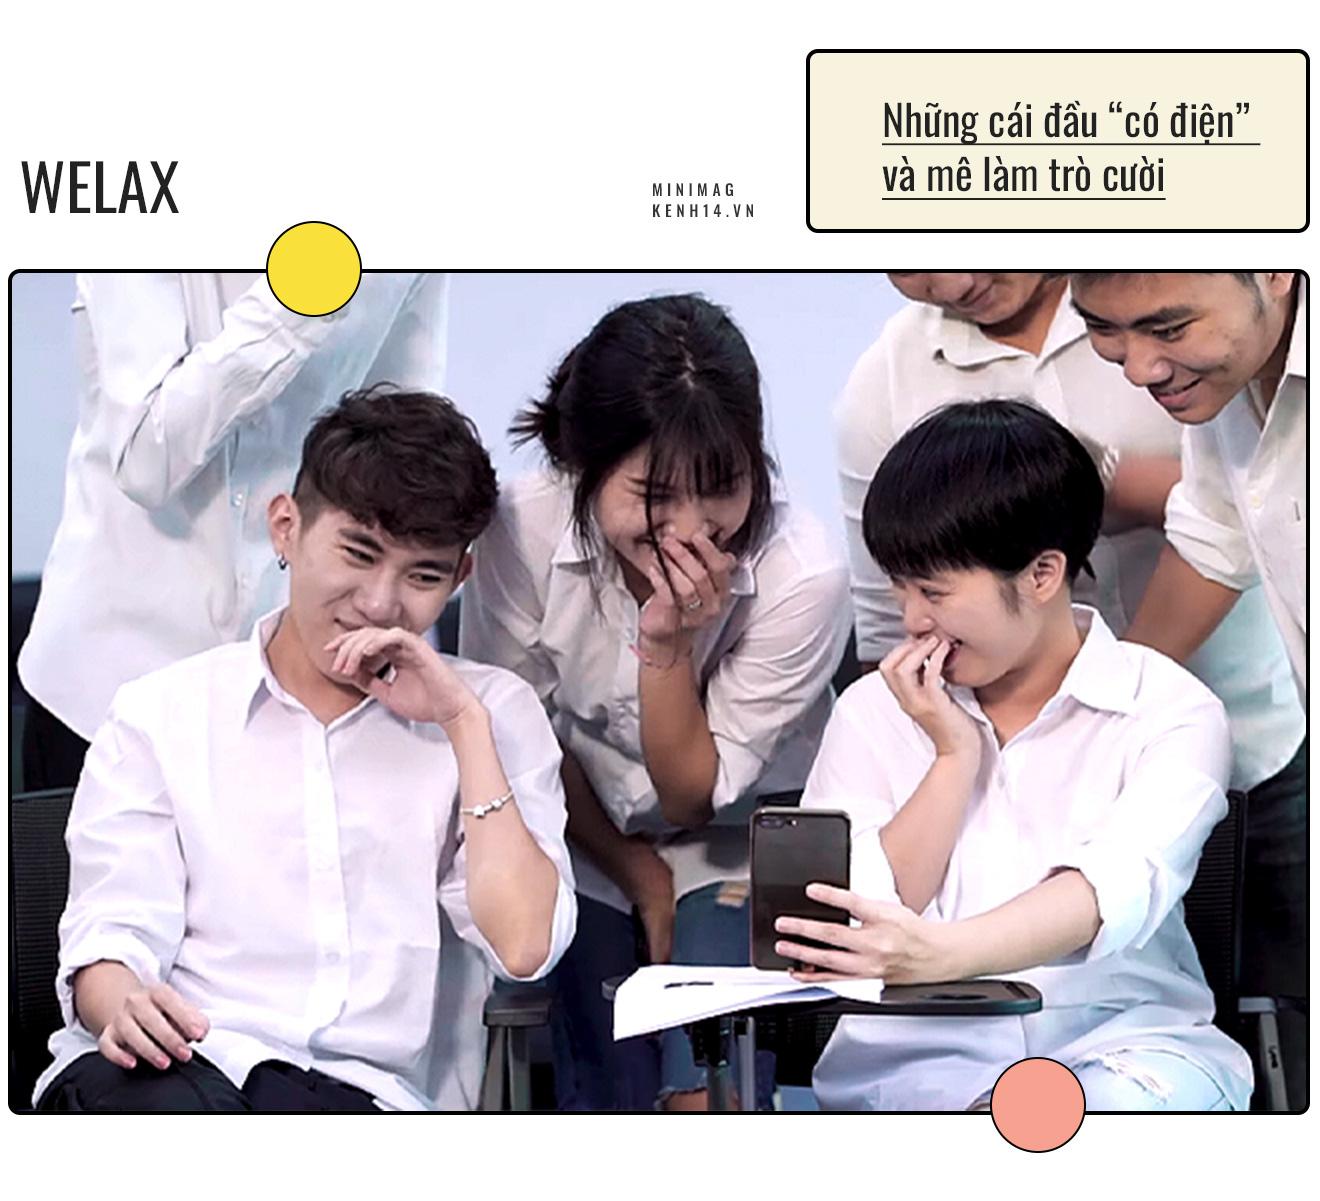 """Suốt ngày chỉ biết cắm mặt điện thoại, máy tính: Chuyện những người trẻ sáng tạo cả thế giới nội dung, dựng """"cơ đồ"""" từ công nghệ - Ảnh 4."""